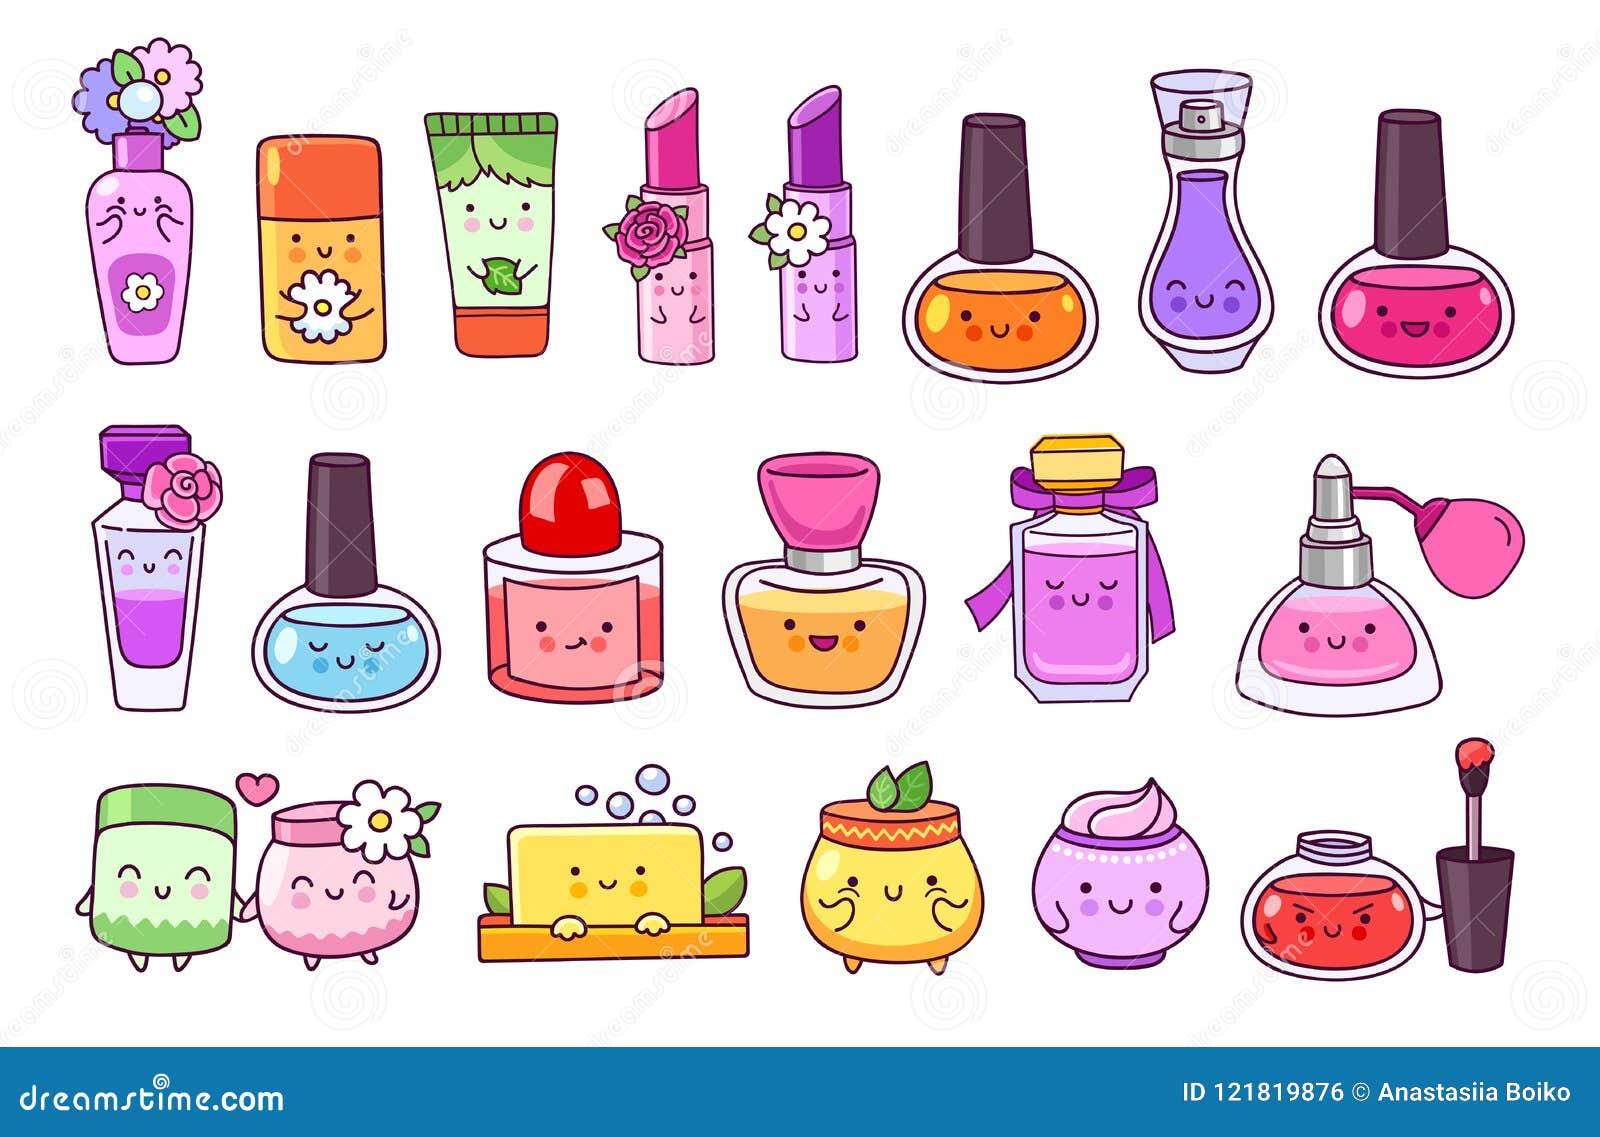 Doft skönhetsmedel, spikar polermedel, läppstift, kantglans, krämkruset, tvål och schampo